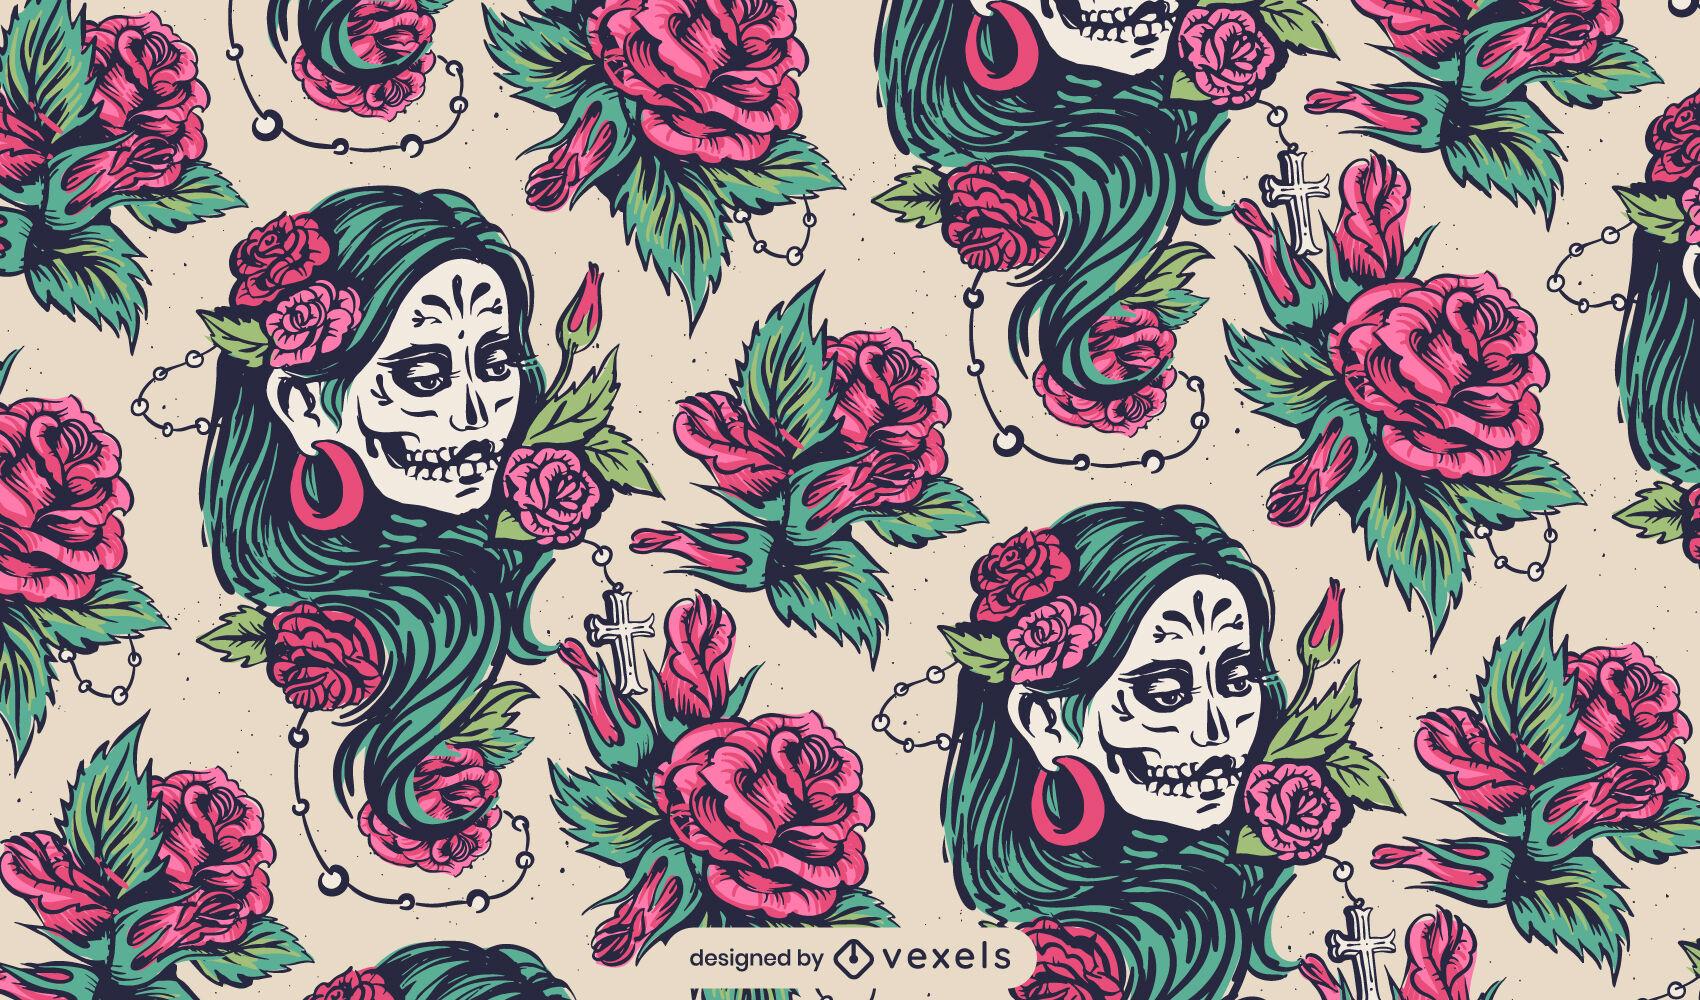 Dise?o de patr?n de mujer floral del d?a de los muertos.